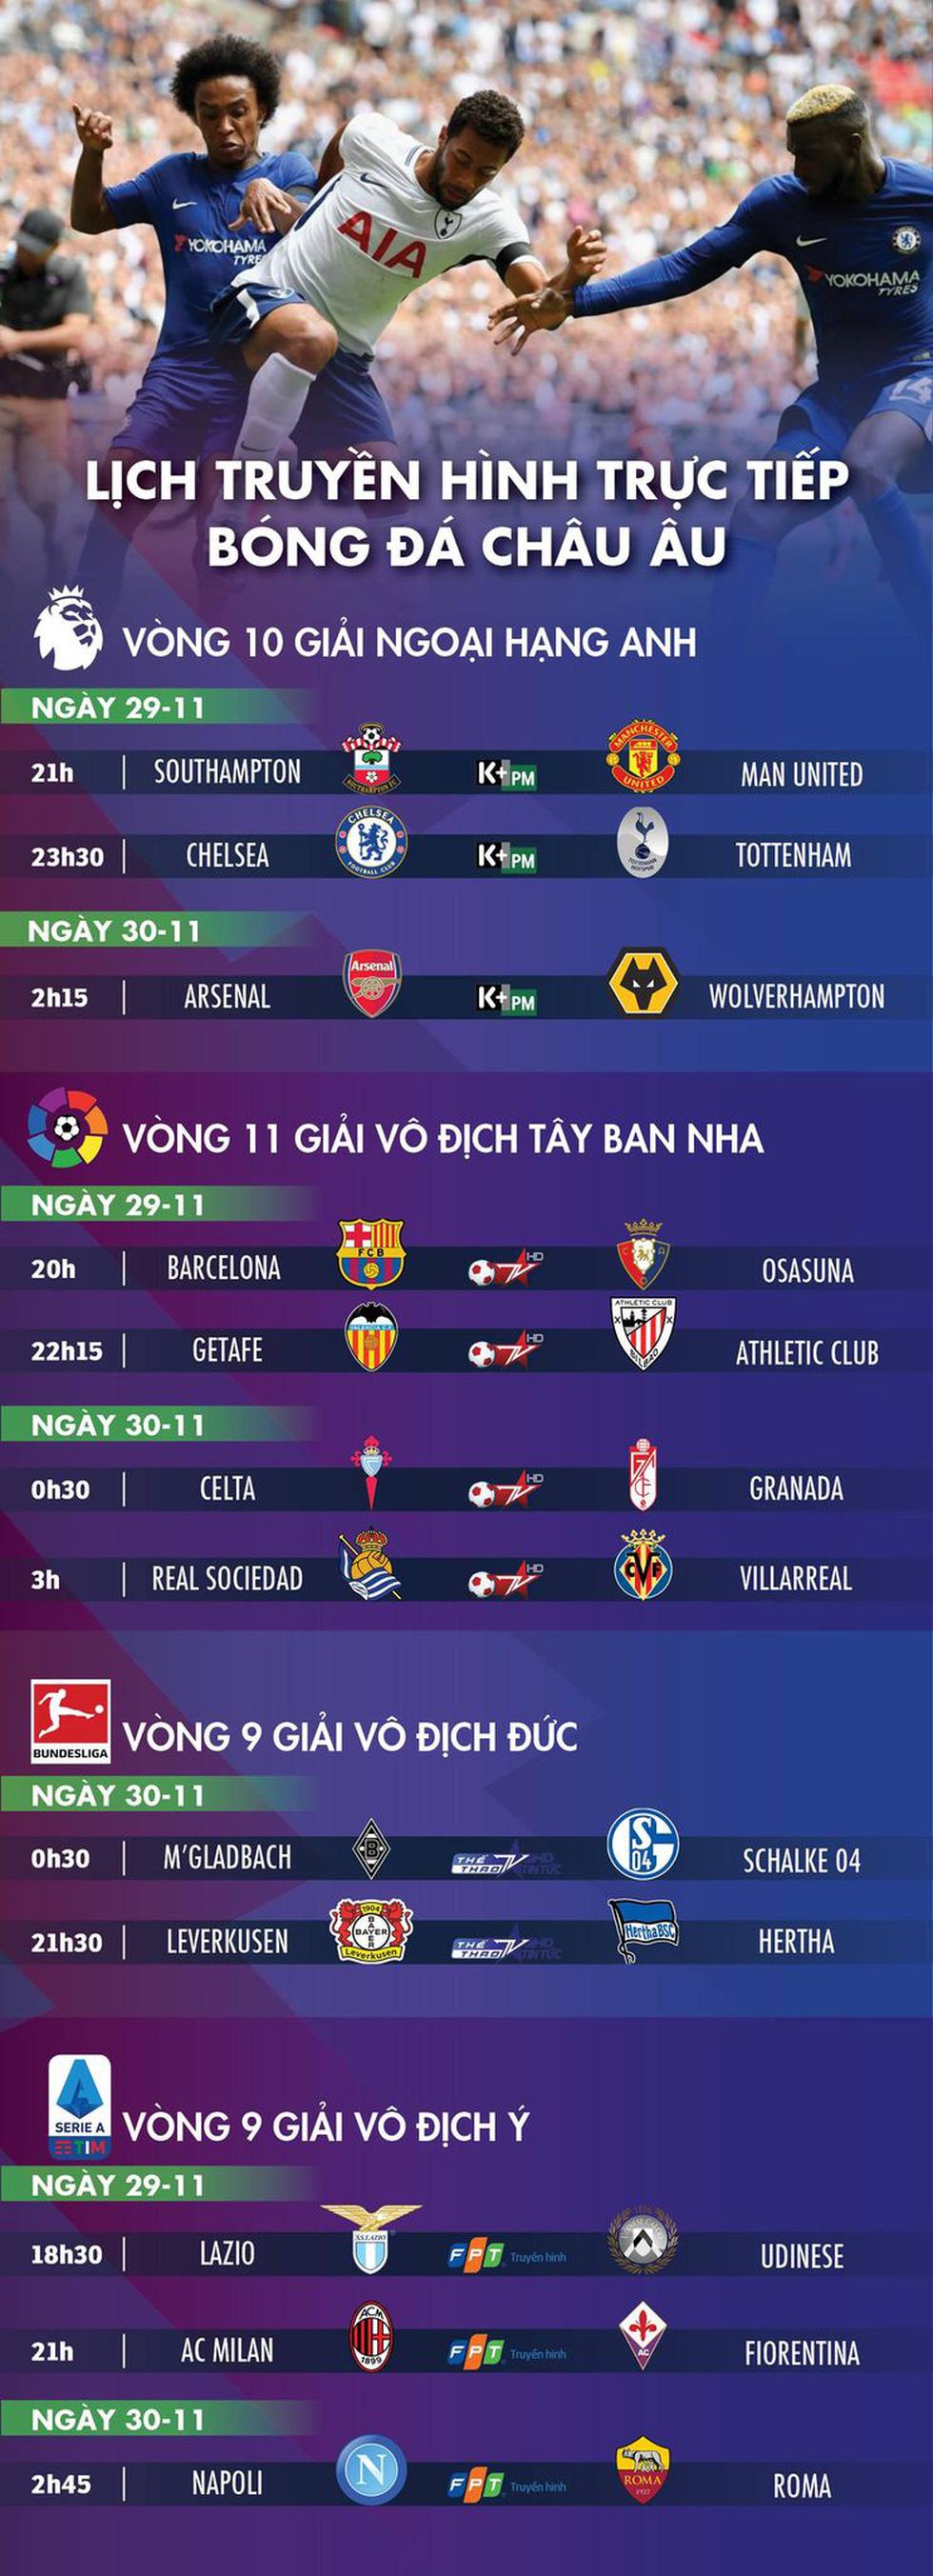 Lịch trực tiếp bóng đá châu Âu 29-11: Đại chiến Chelsea - Tottenham, Southampton gặp Man United - Ảnh 1.